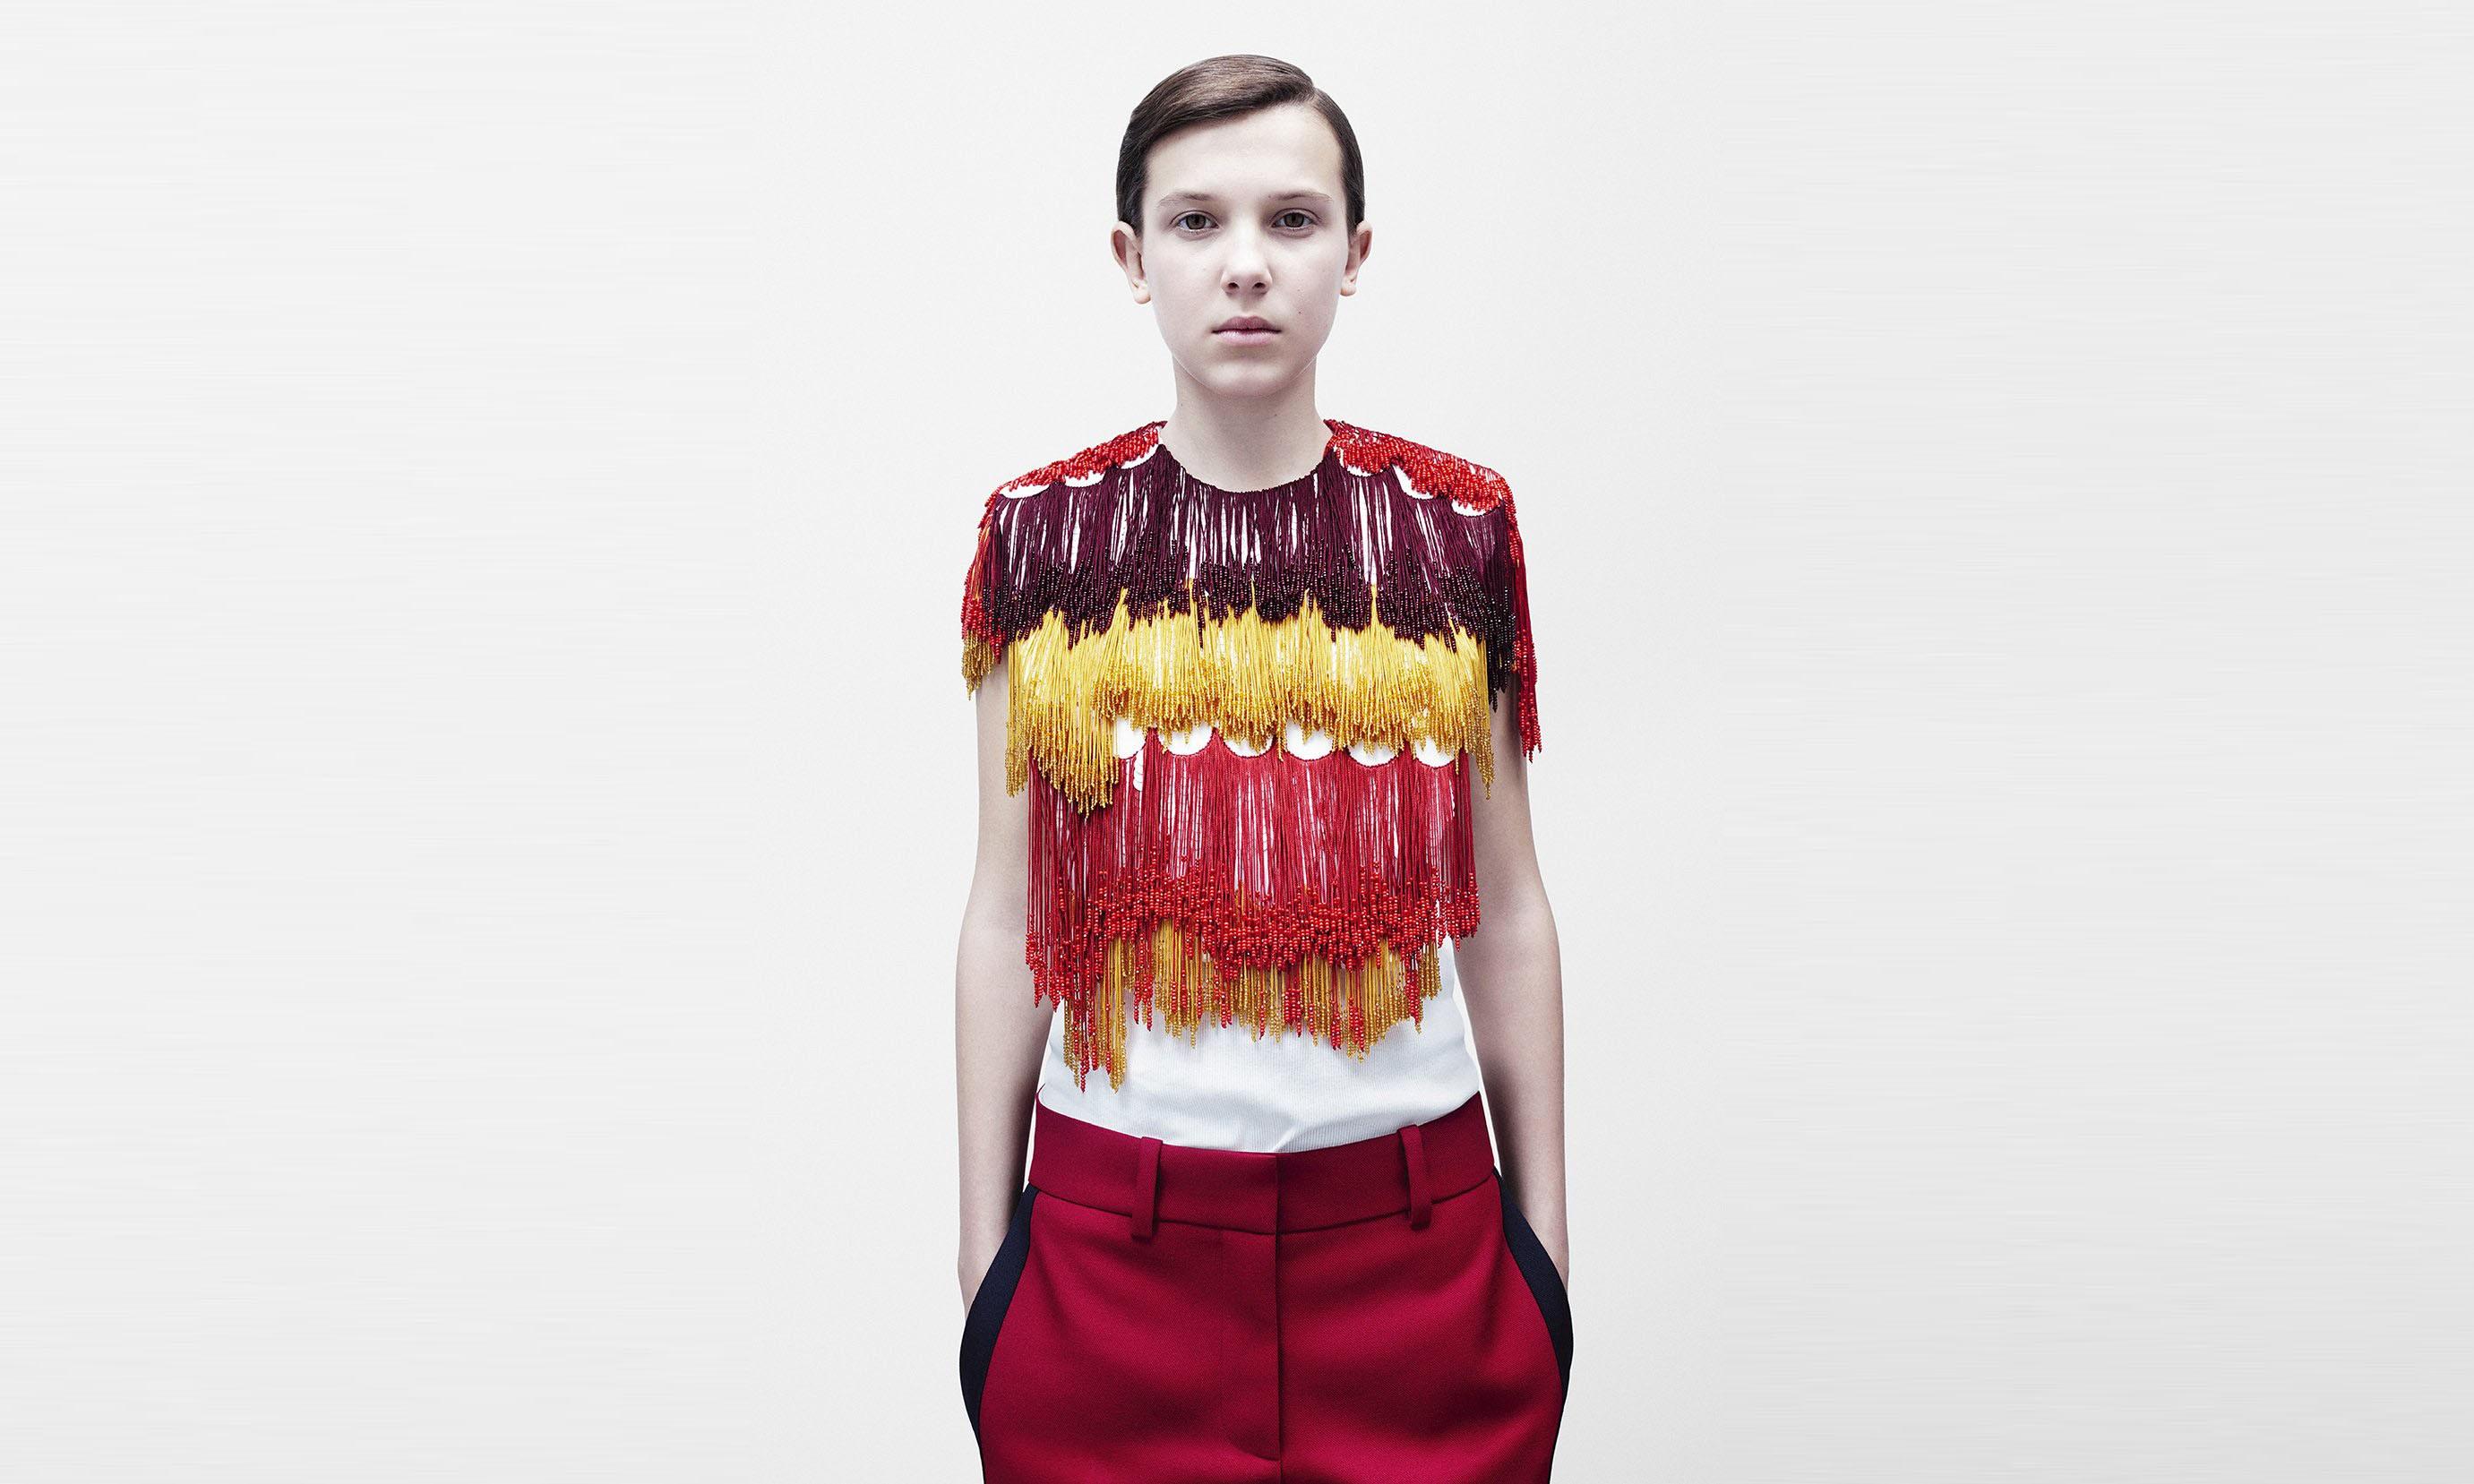 入主 Calvin Klein 后,终于迎来 Raf Simons 的首辑设计成果